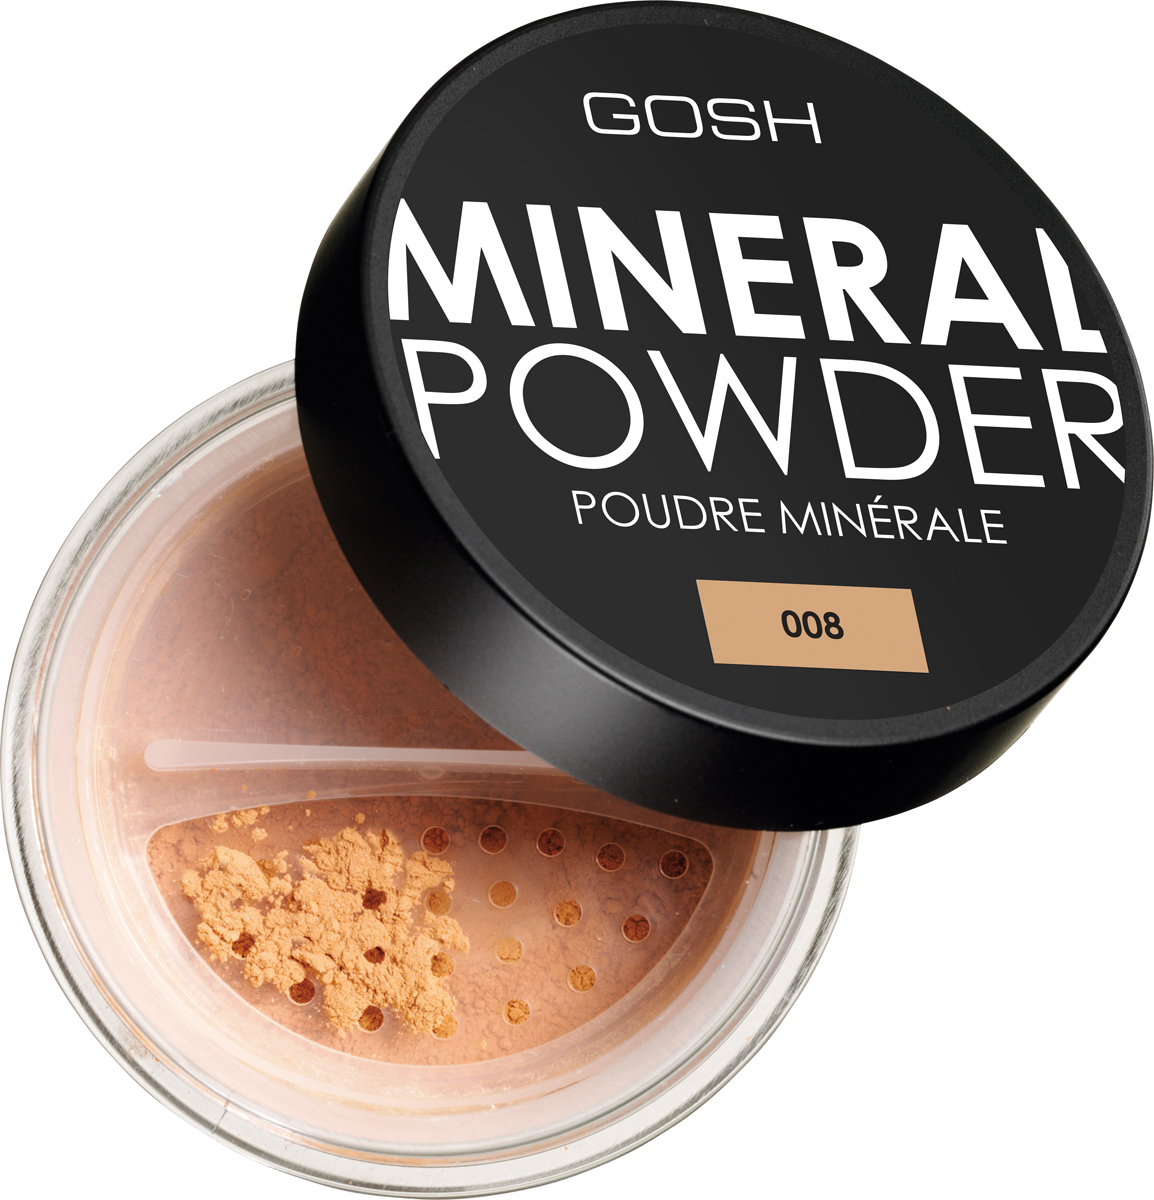 Gosh Пудра рассыпчатая минеральная для лица Mineral Powder, 8 г, тон №008 пудра